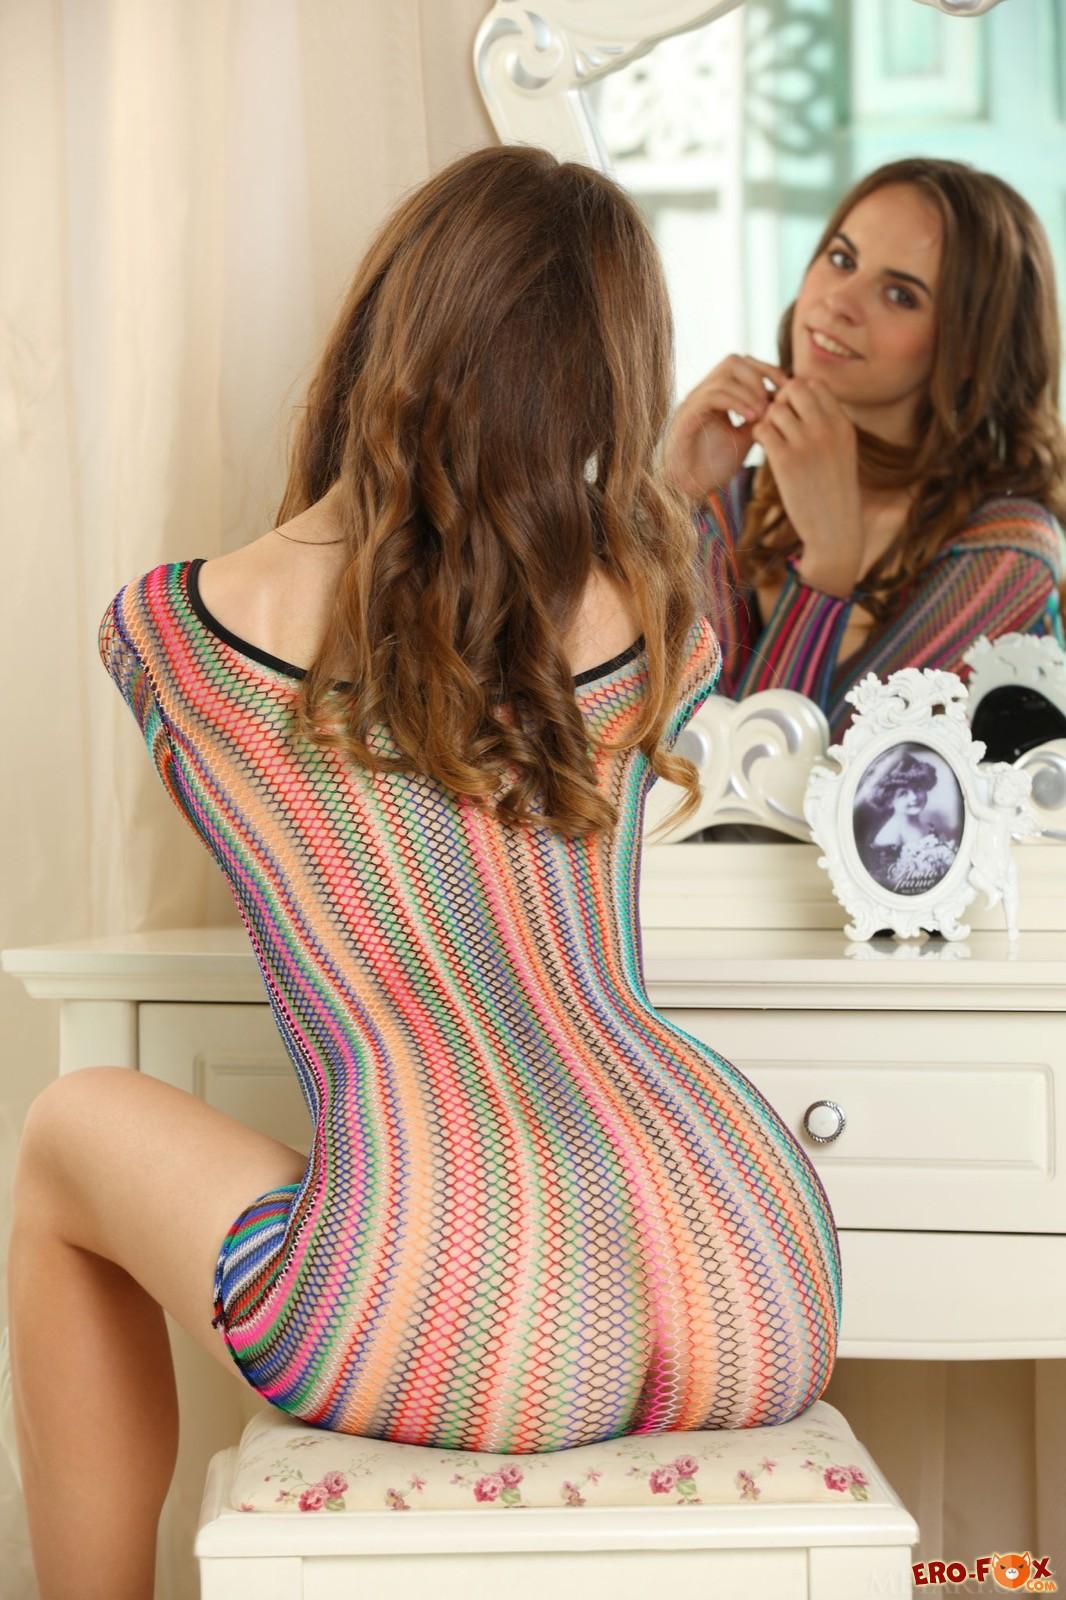 Девушка в туфлях позирует в прозрачном платье